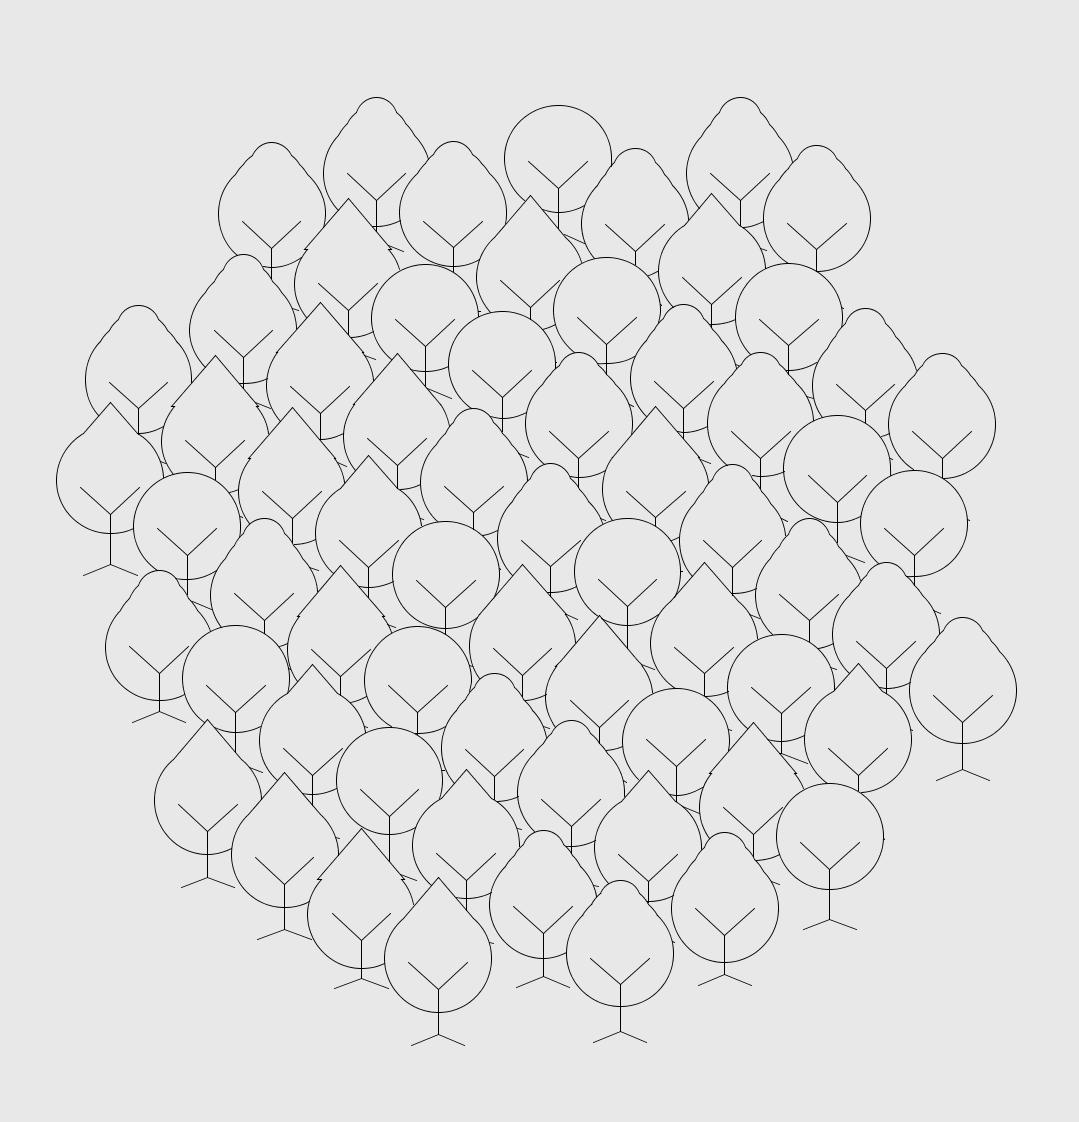 Schermafbeelding_2021-06-13_om_17.17.27